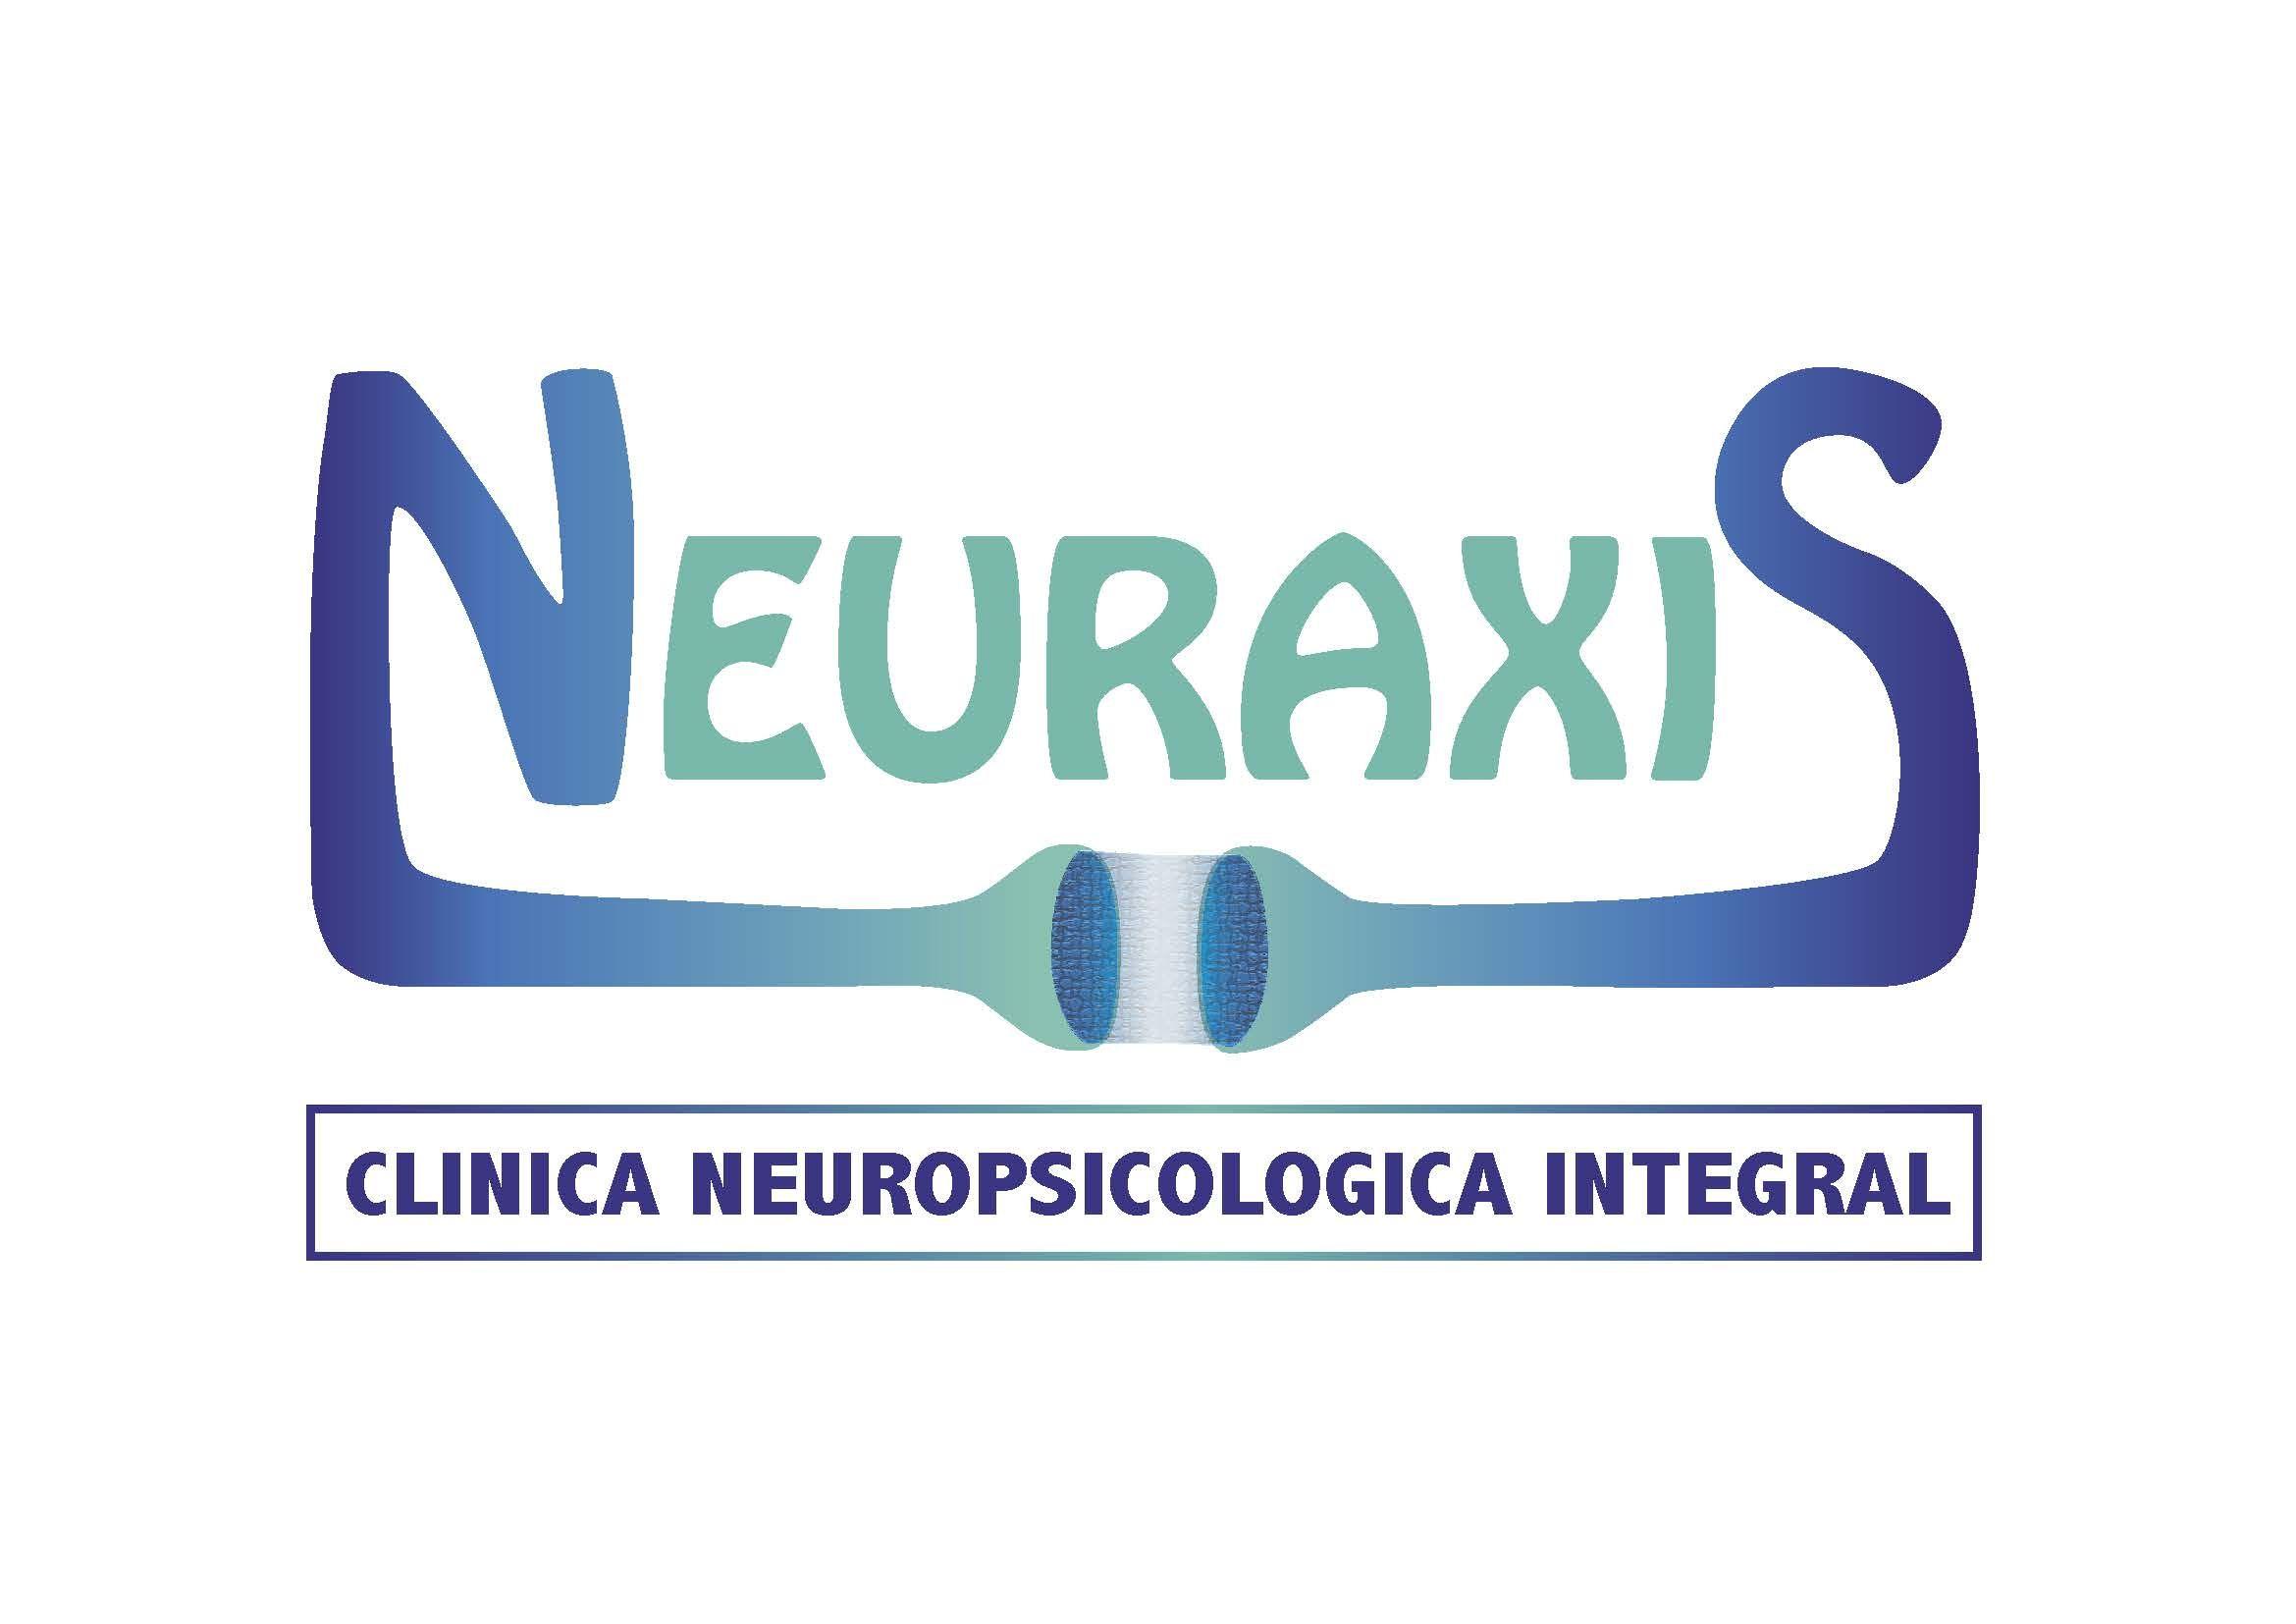 CLÍNICA NEUROPSICOLÓGICA INTEGRAL NEURAXIS IPS  SAS